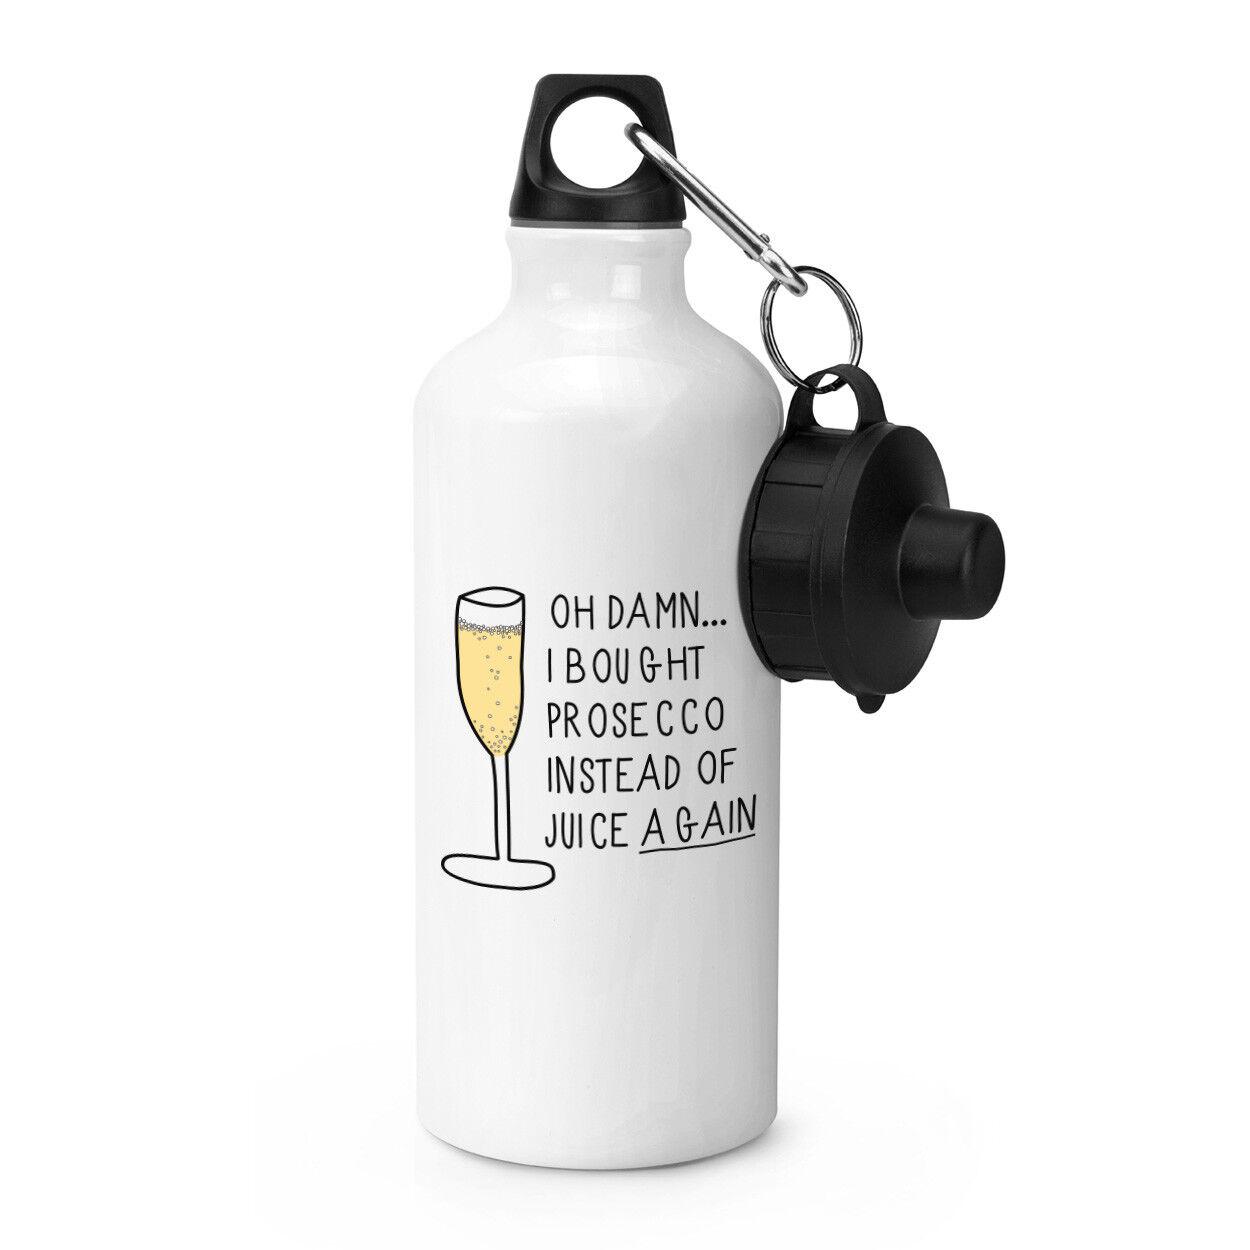 Oh merde merde merde encore une fois, j'ai acheté du Prosecco au lieu de jus boissons bouteille d'eau de sport d27a61